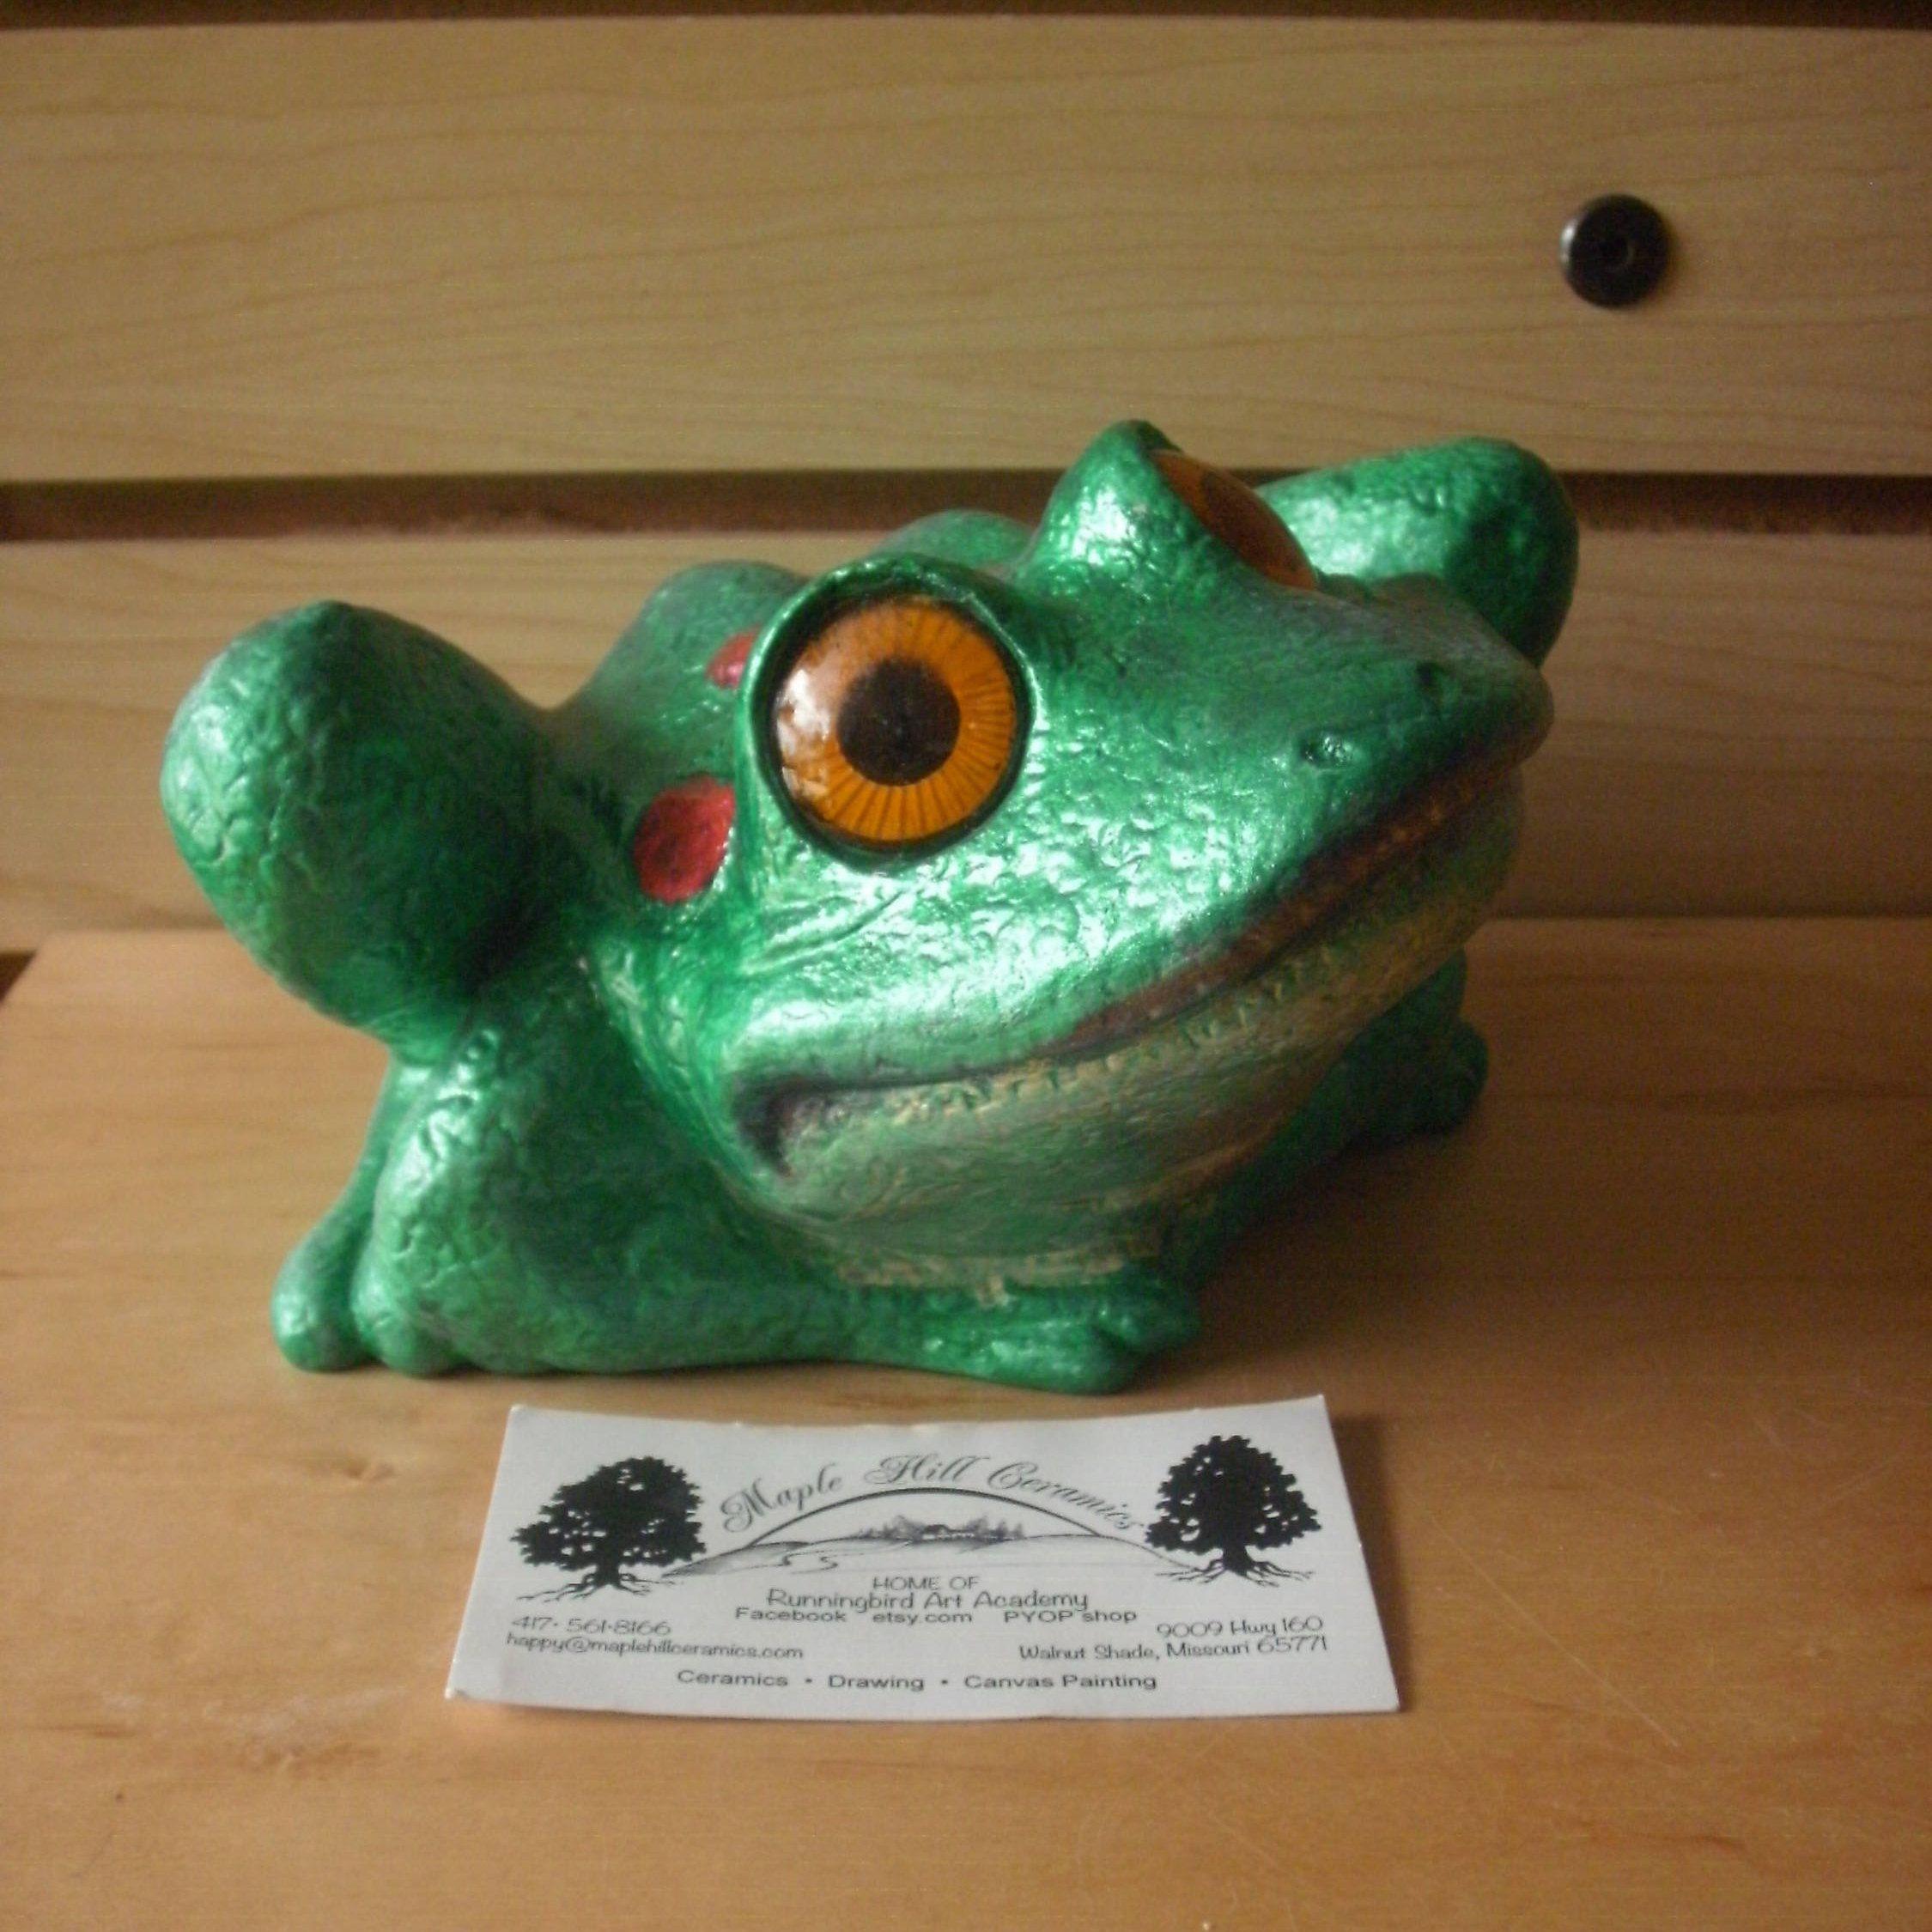 Big Eyed Outdoor Garden Frog Statue Outdoor Frog Decor Water Garden Gifts  For Her Outdoor Frog Statue Toad Statue Garden Statue For Him